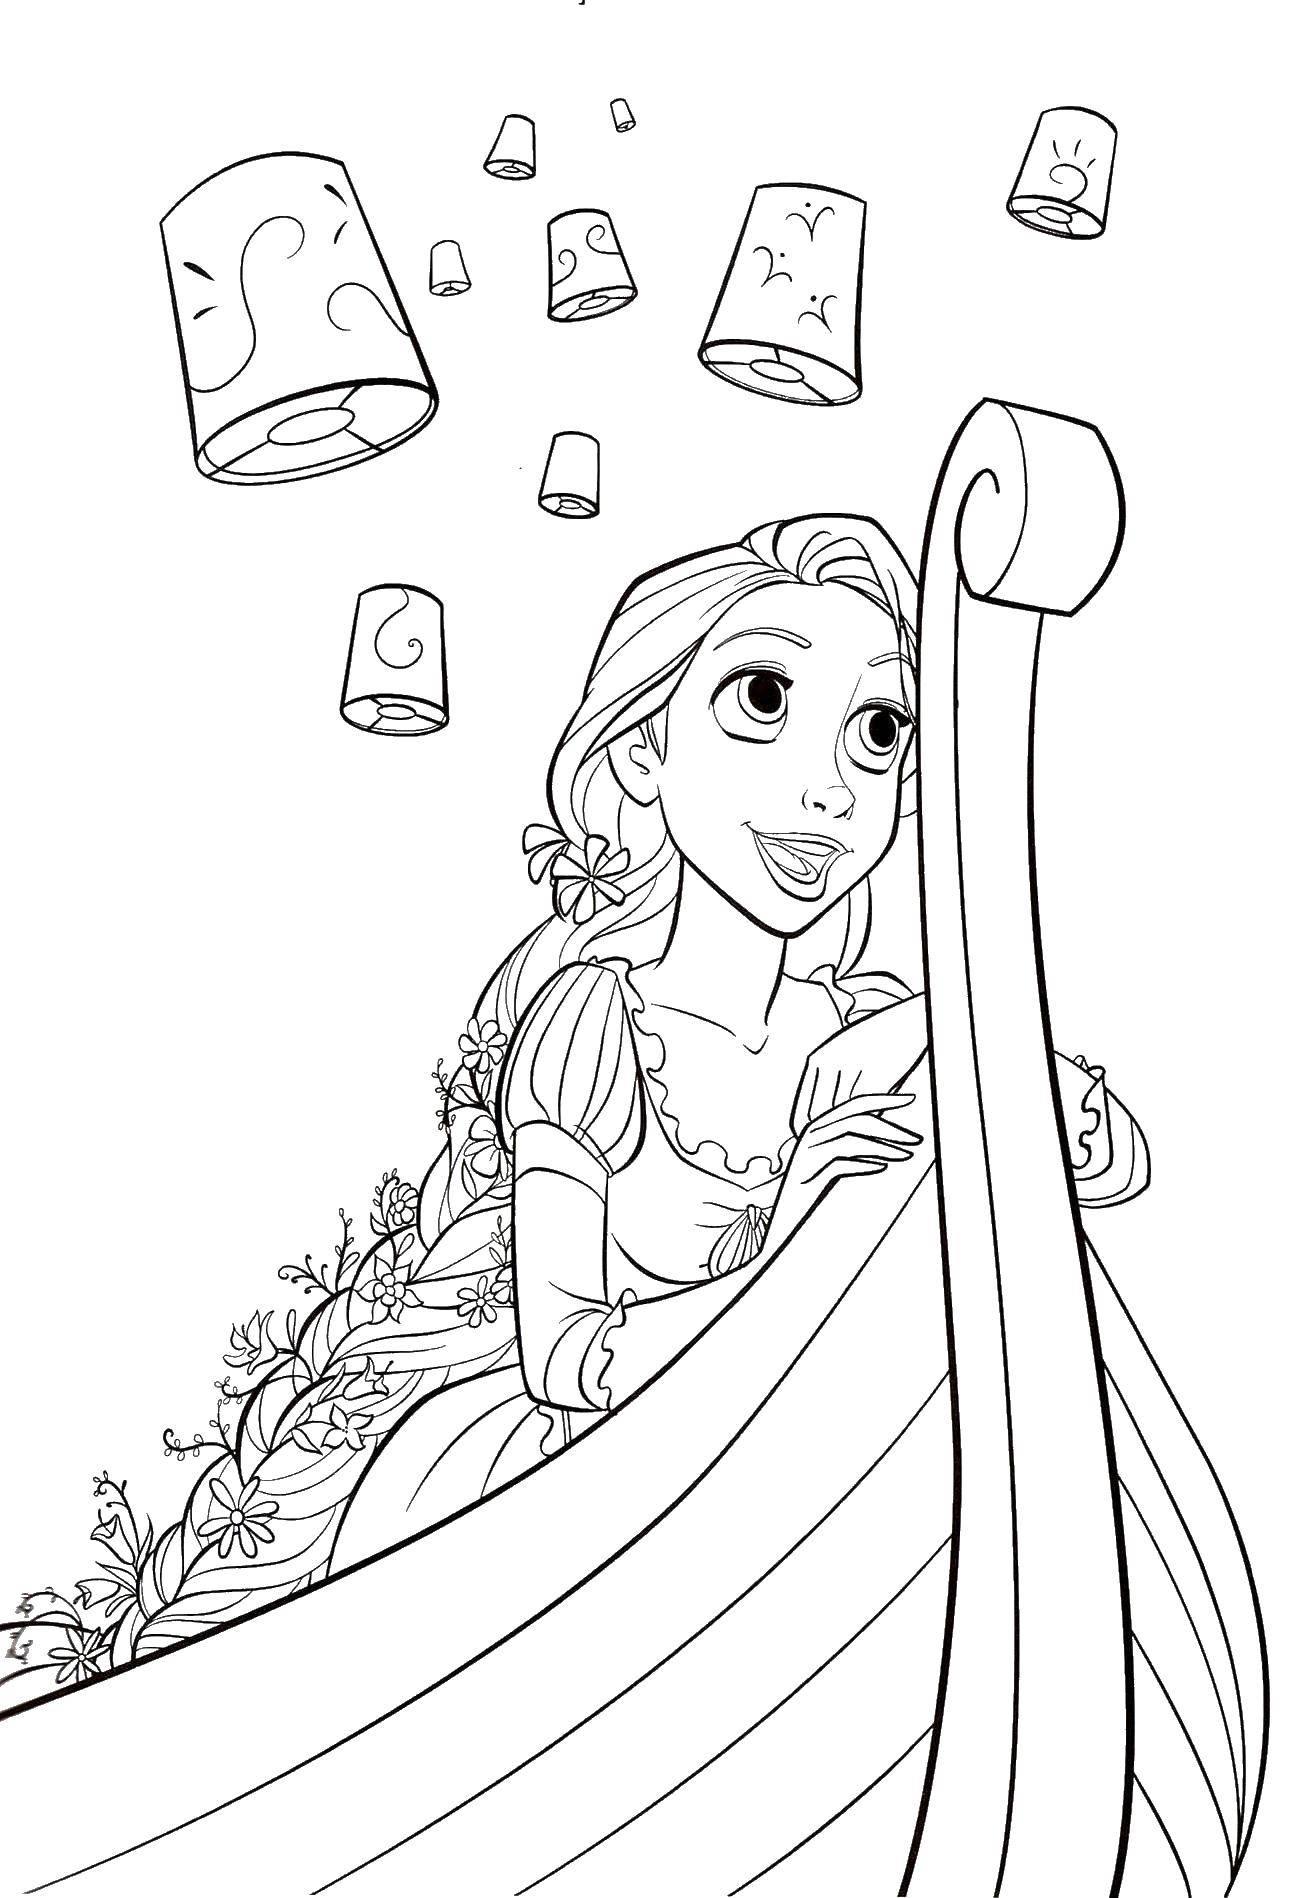 Раскраска Принцессы Скачать человек паук, супергерои.  Распечатать ,Для мальчиков,